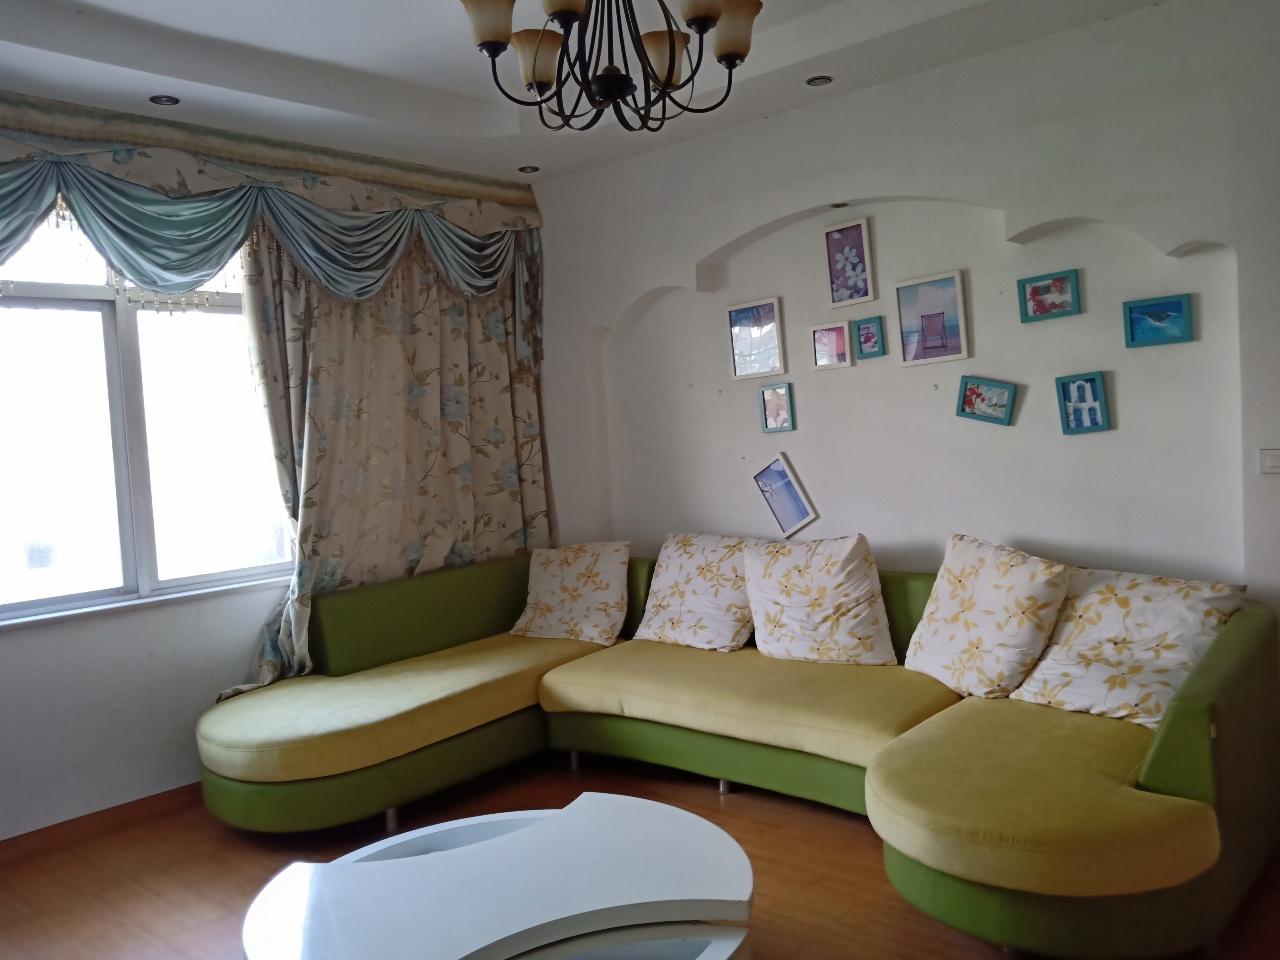 康樂大道近百合水景低層3室2廳1衛裝修新拎包入住